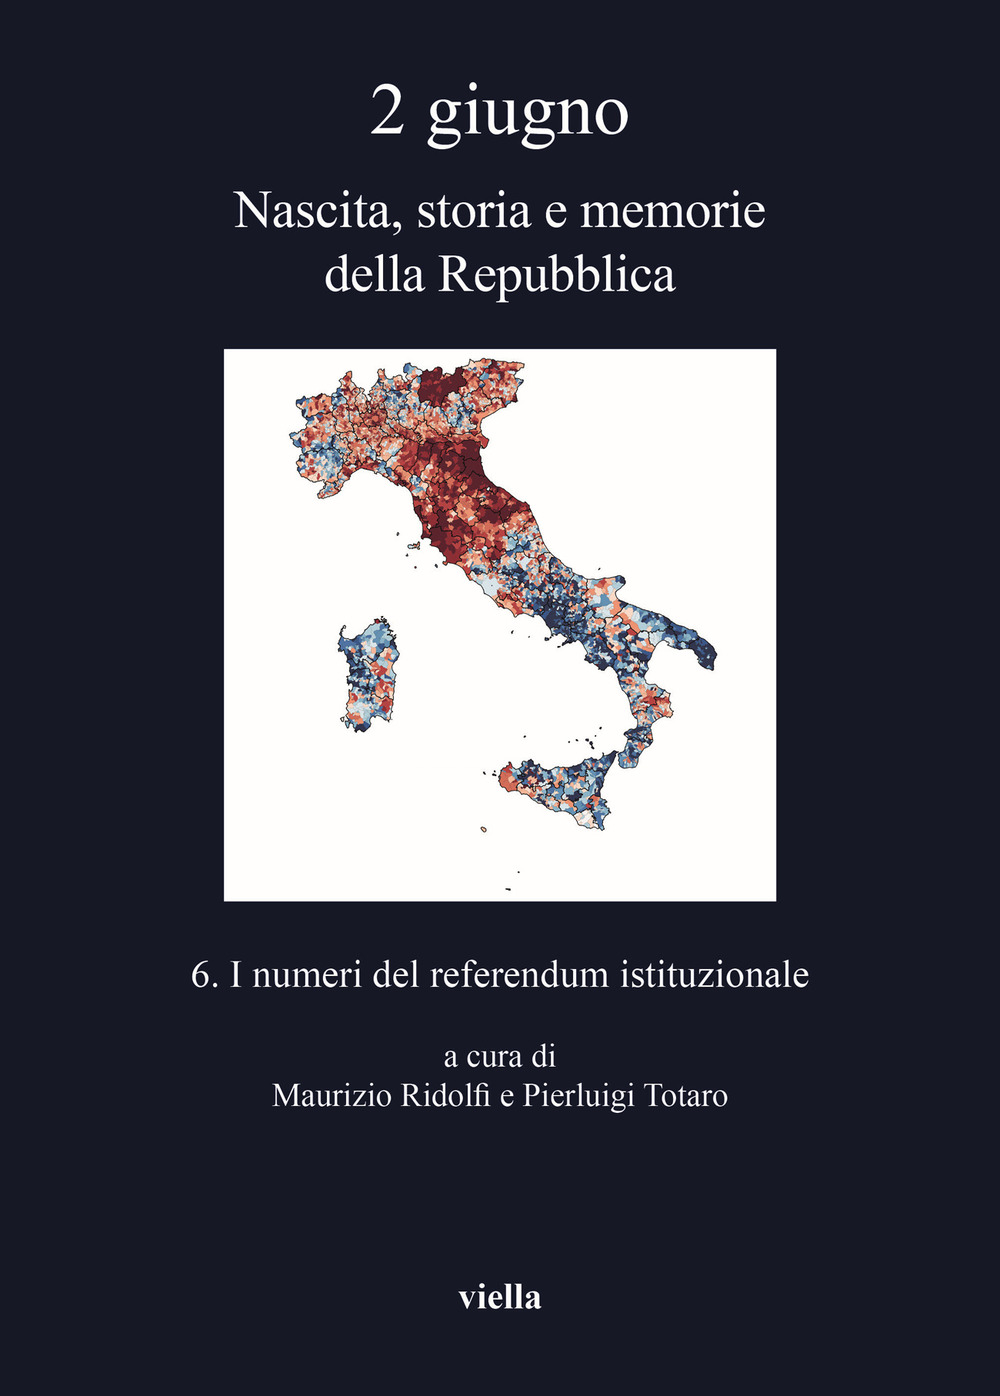 2 giugno. Nascita, storia e memorie della Repubblica. Vol. 6: I numeri del referendum istituzionale